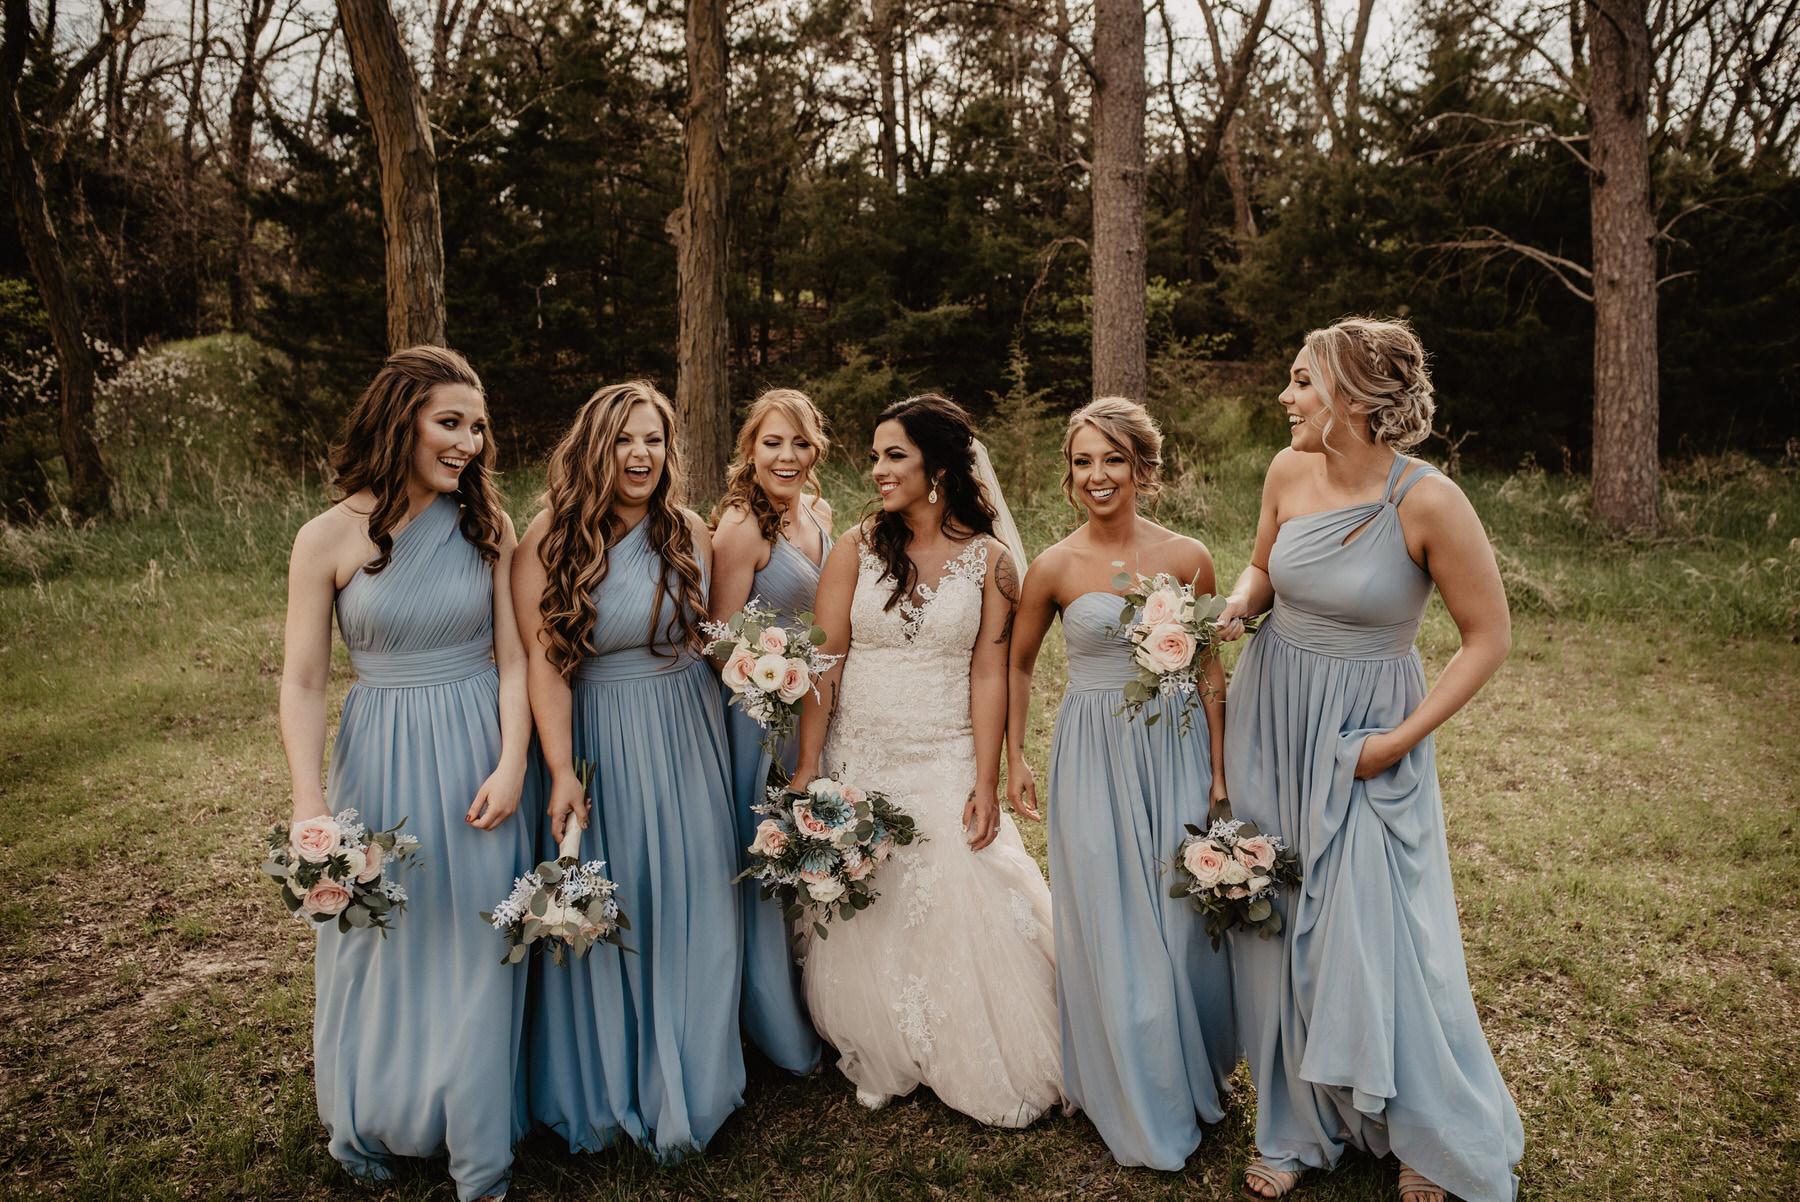 Kaylie-Sirek-Photography-Kearney-Nebraska-Wedding-068.jpg